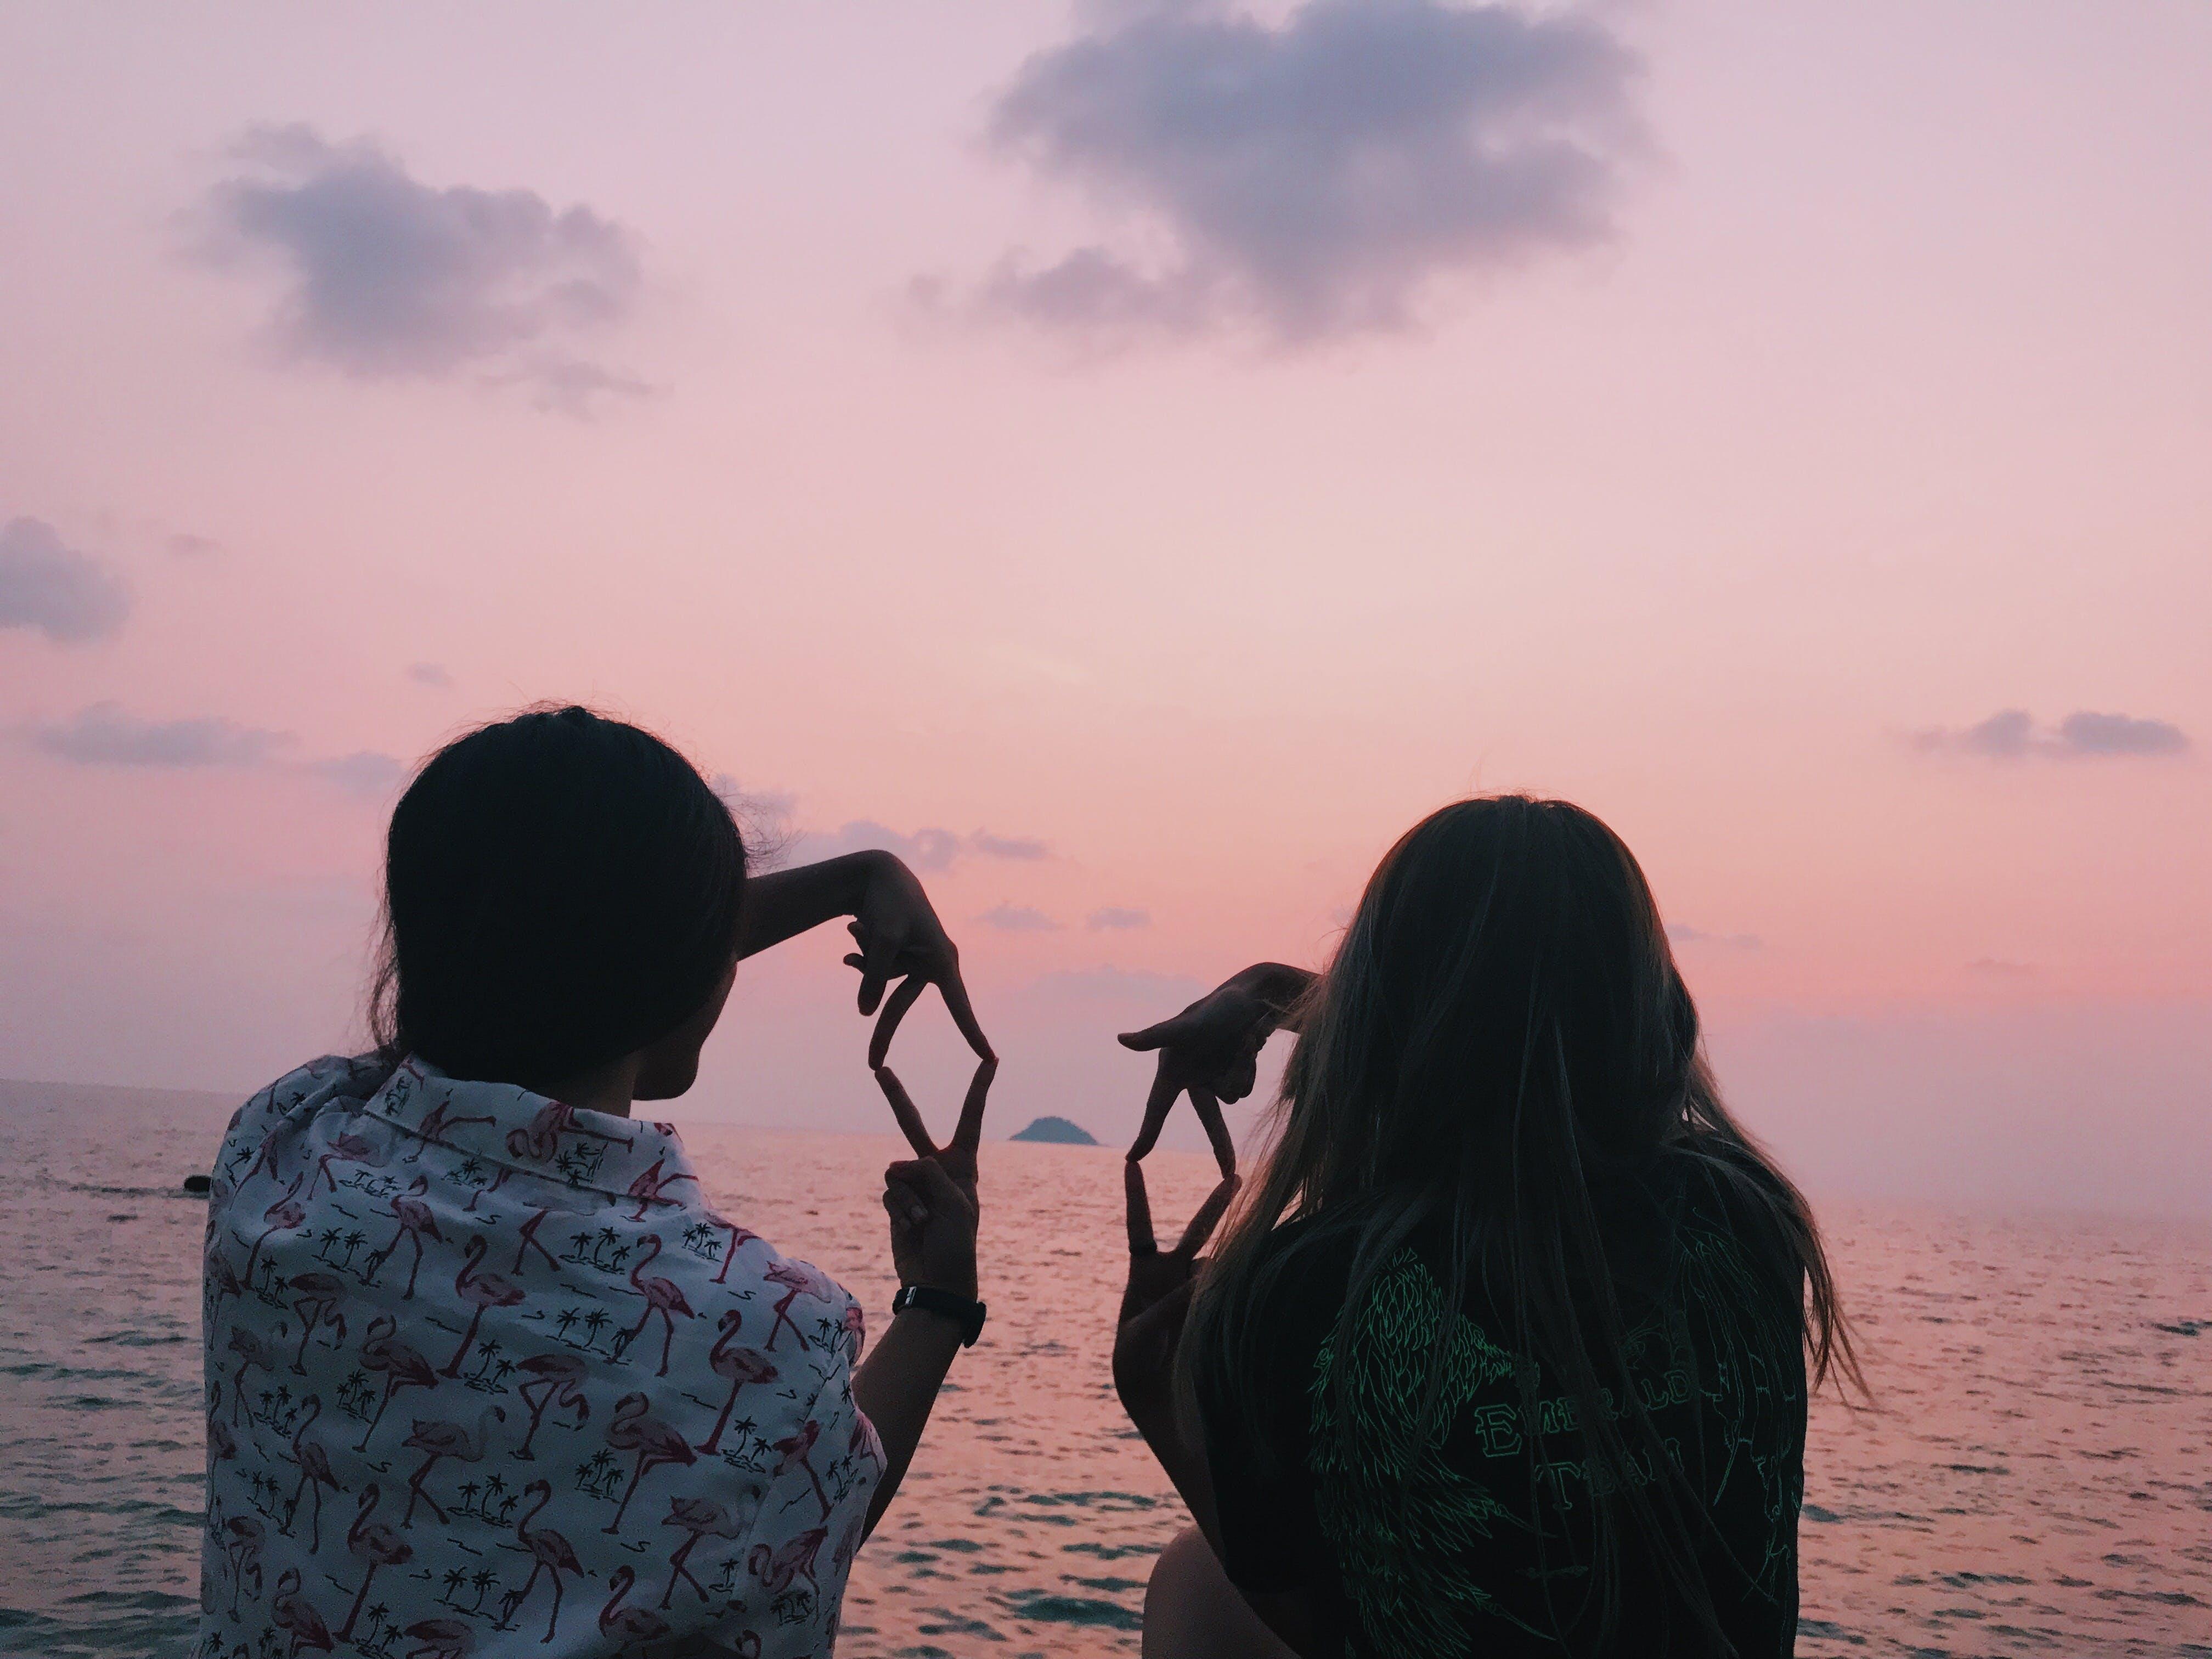 물, 바다, 새벽, 소녀의 무료 스톡 사진